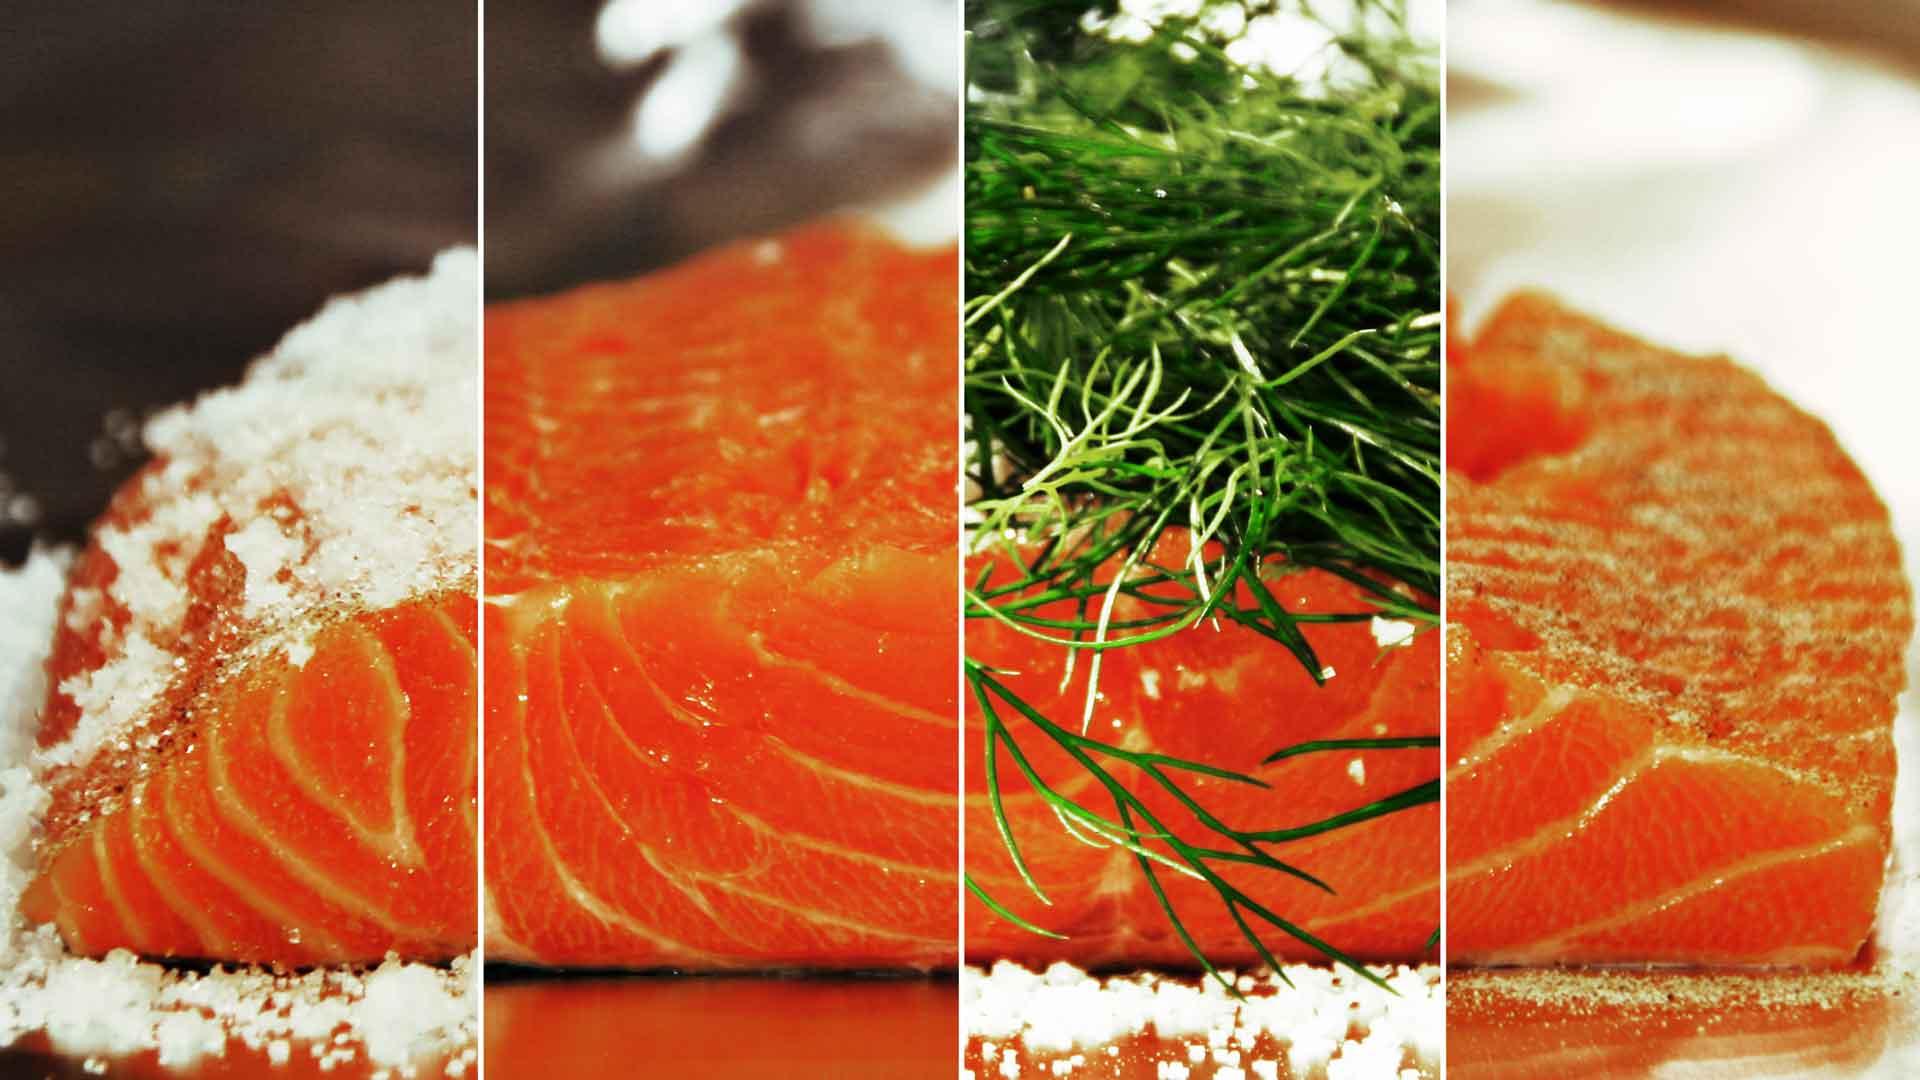 Herstellung Graved Lachs: alle vier Steps in einem Bild